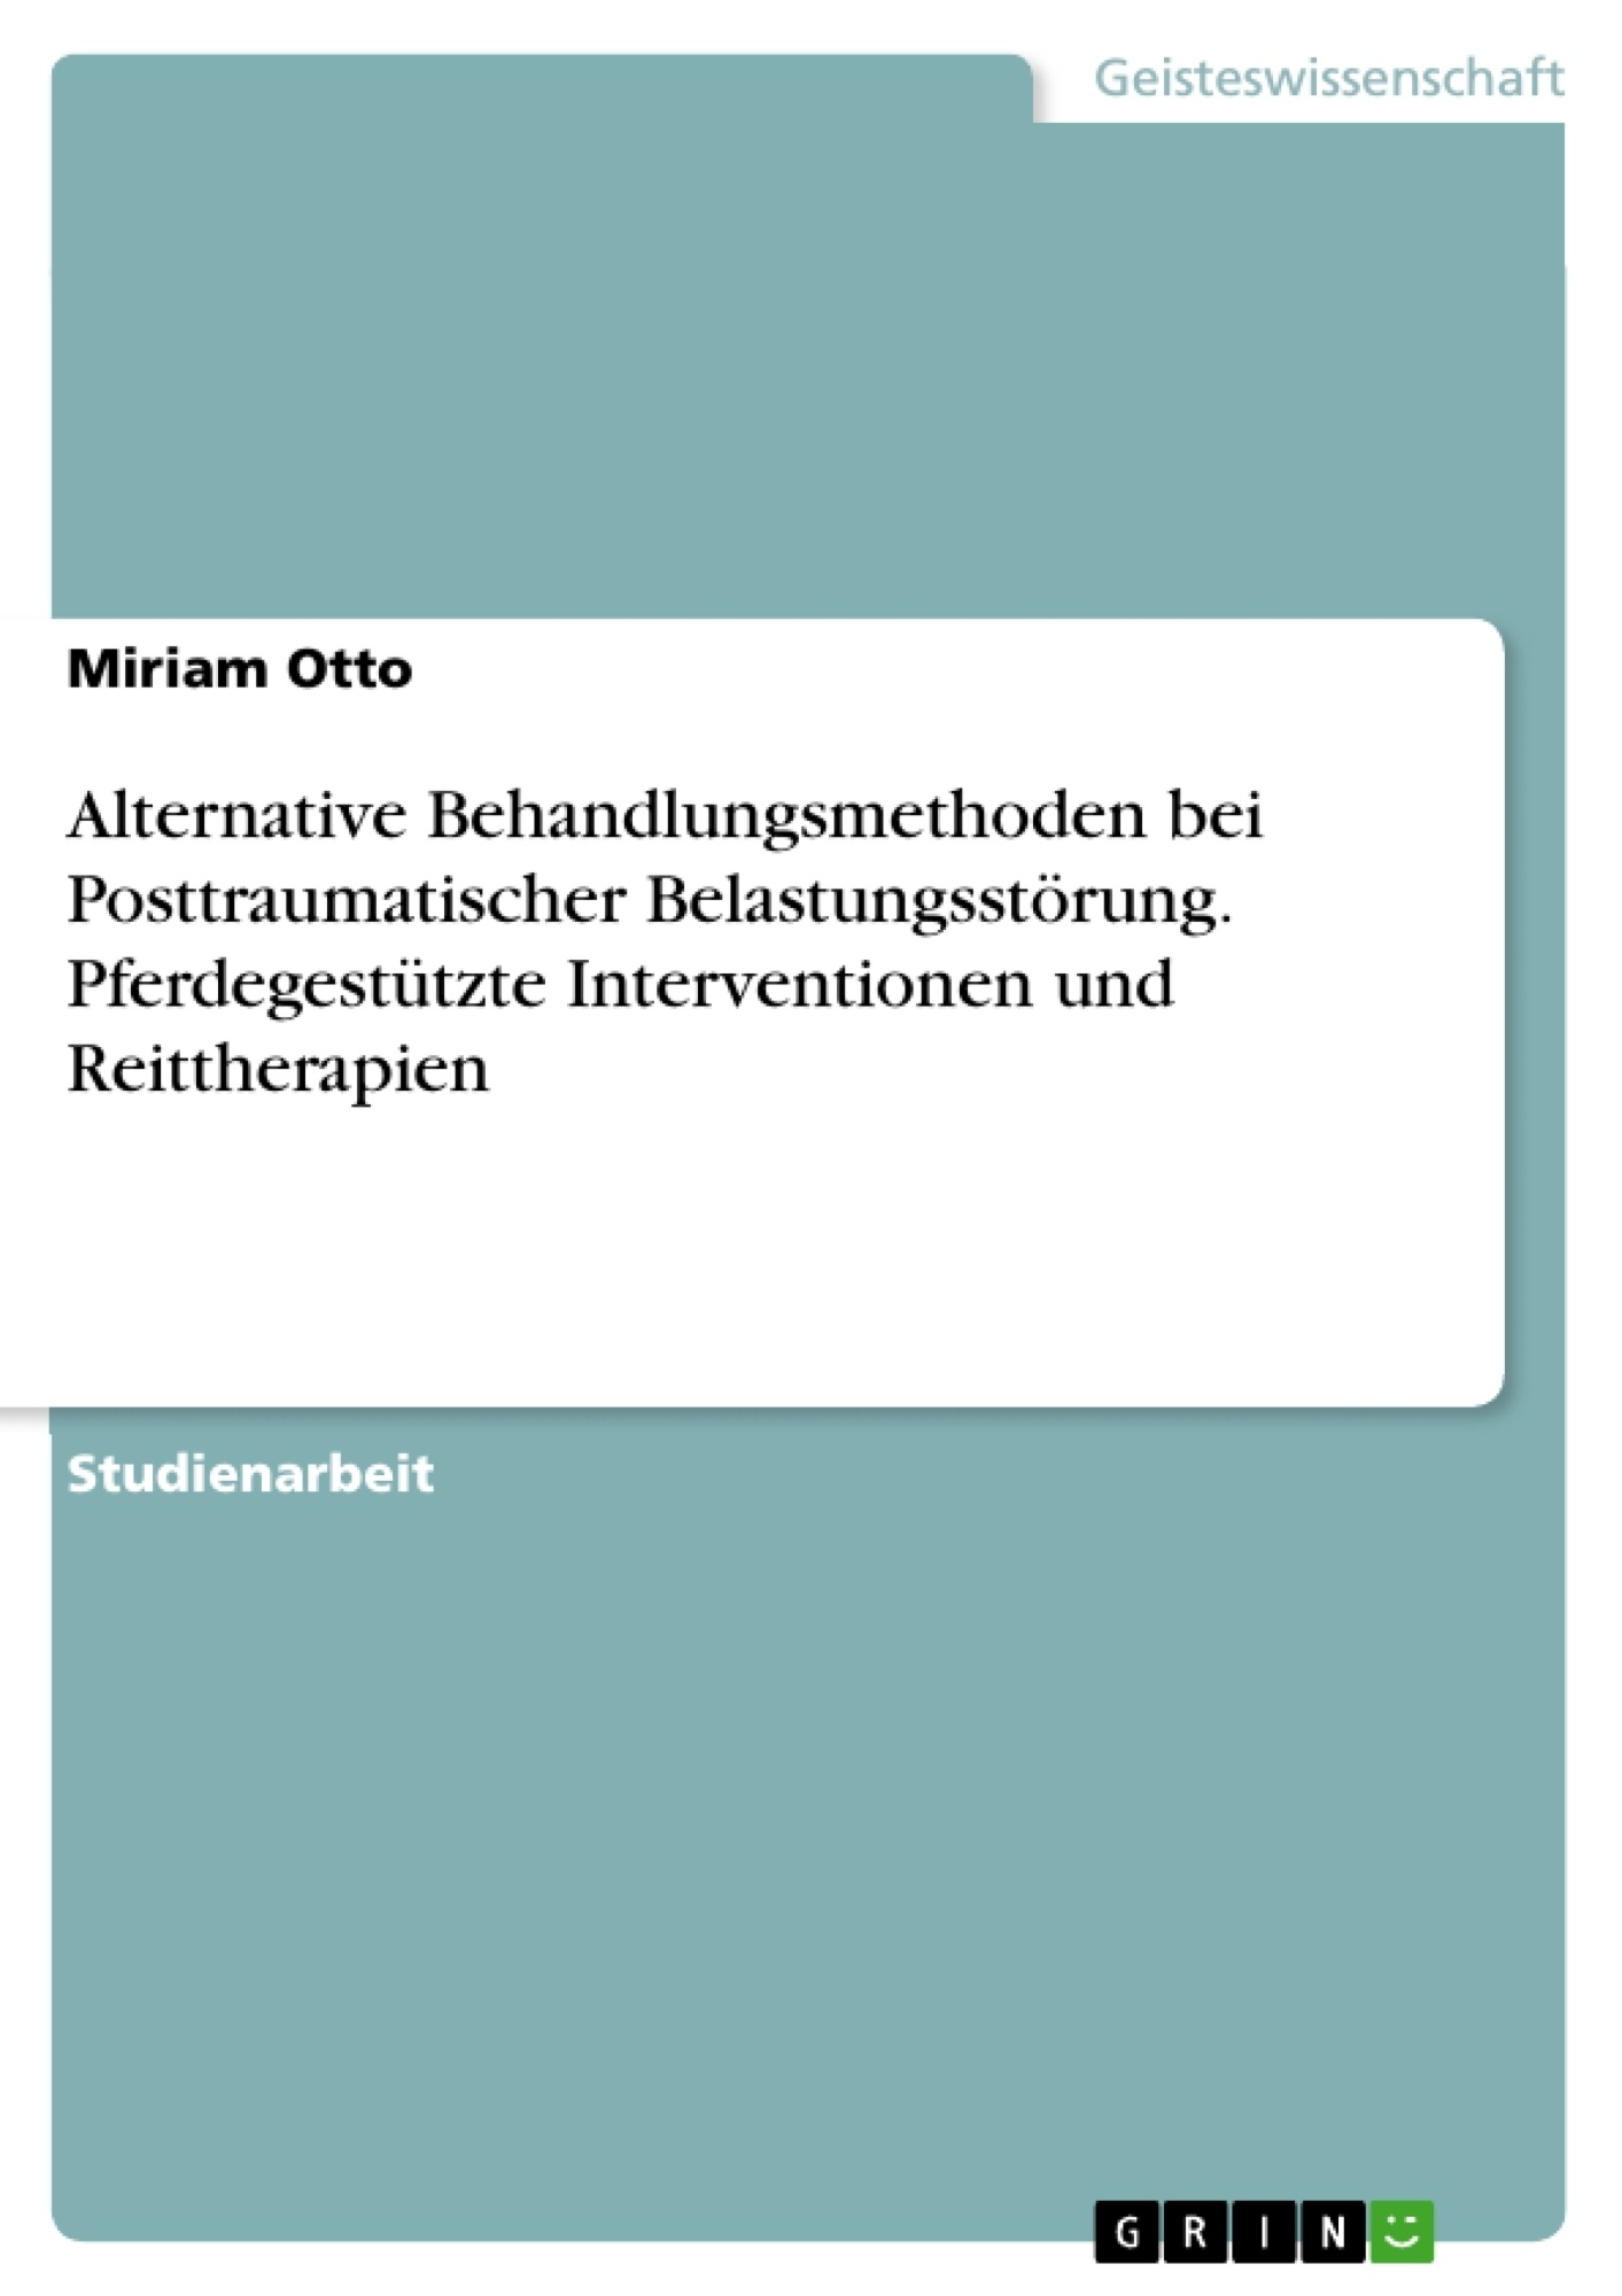 Titel: Alternative Behandlungsmethoden bei Posttraumatischer Belastungsstörung. Pferdegestützte Interventionen und Reittherapien